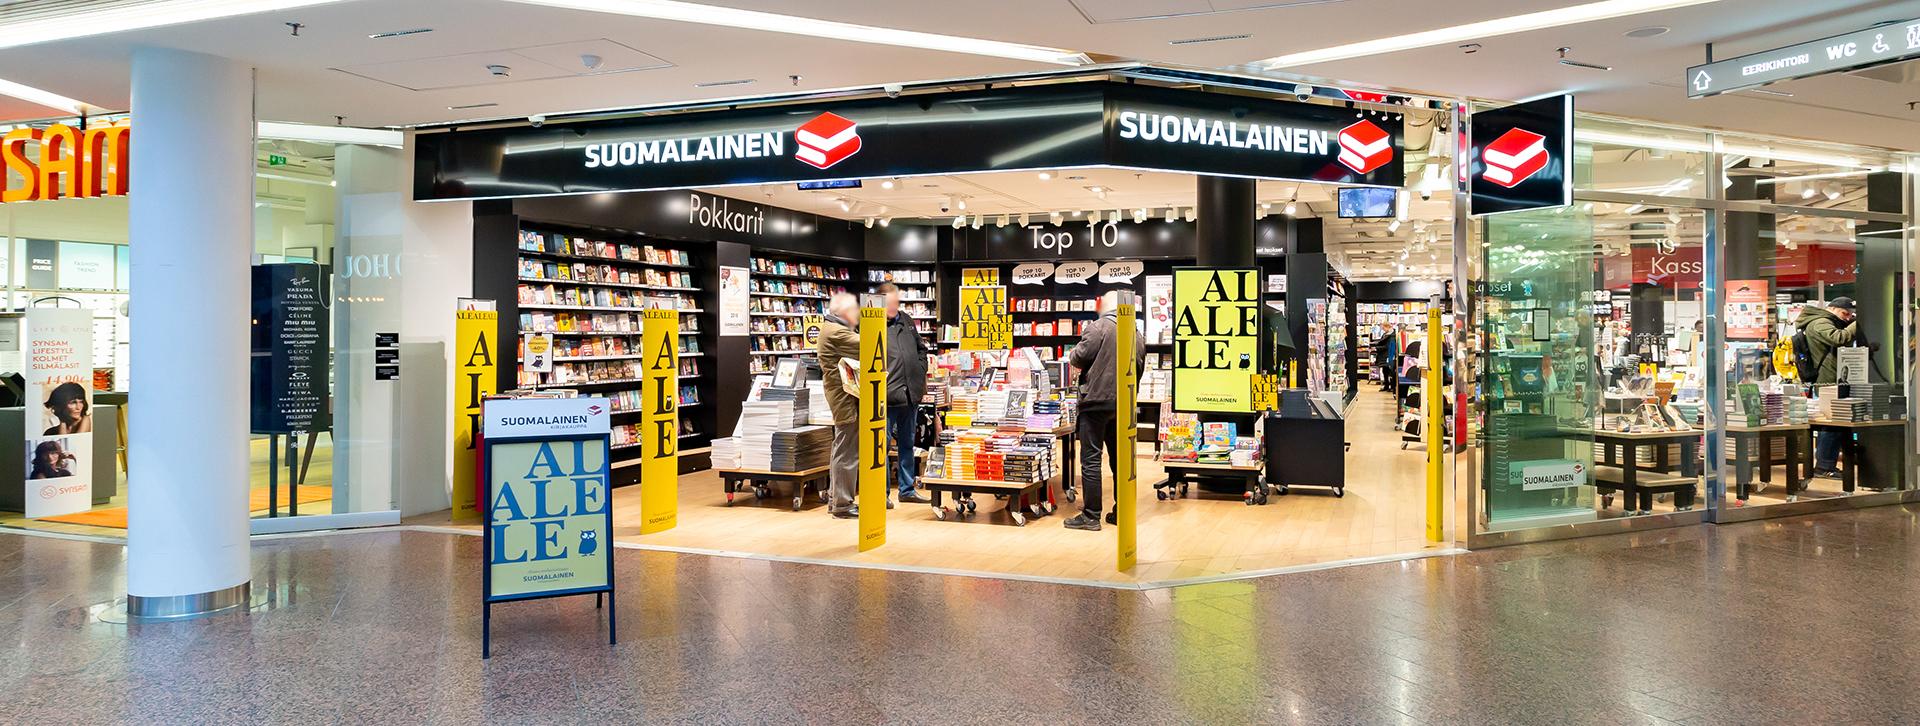 suomalainen-kirjakauppa